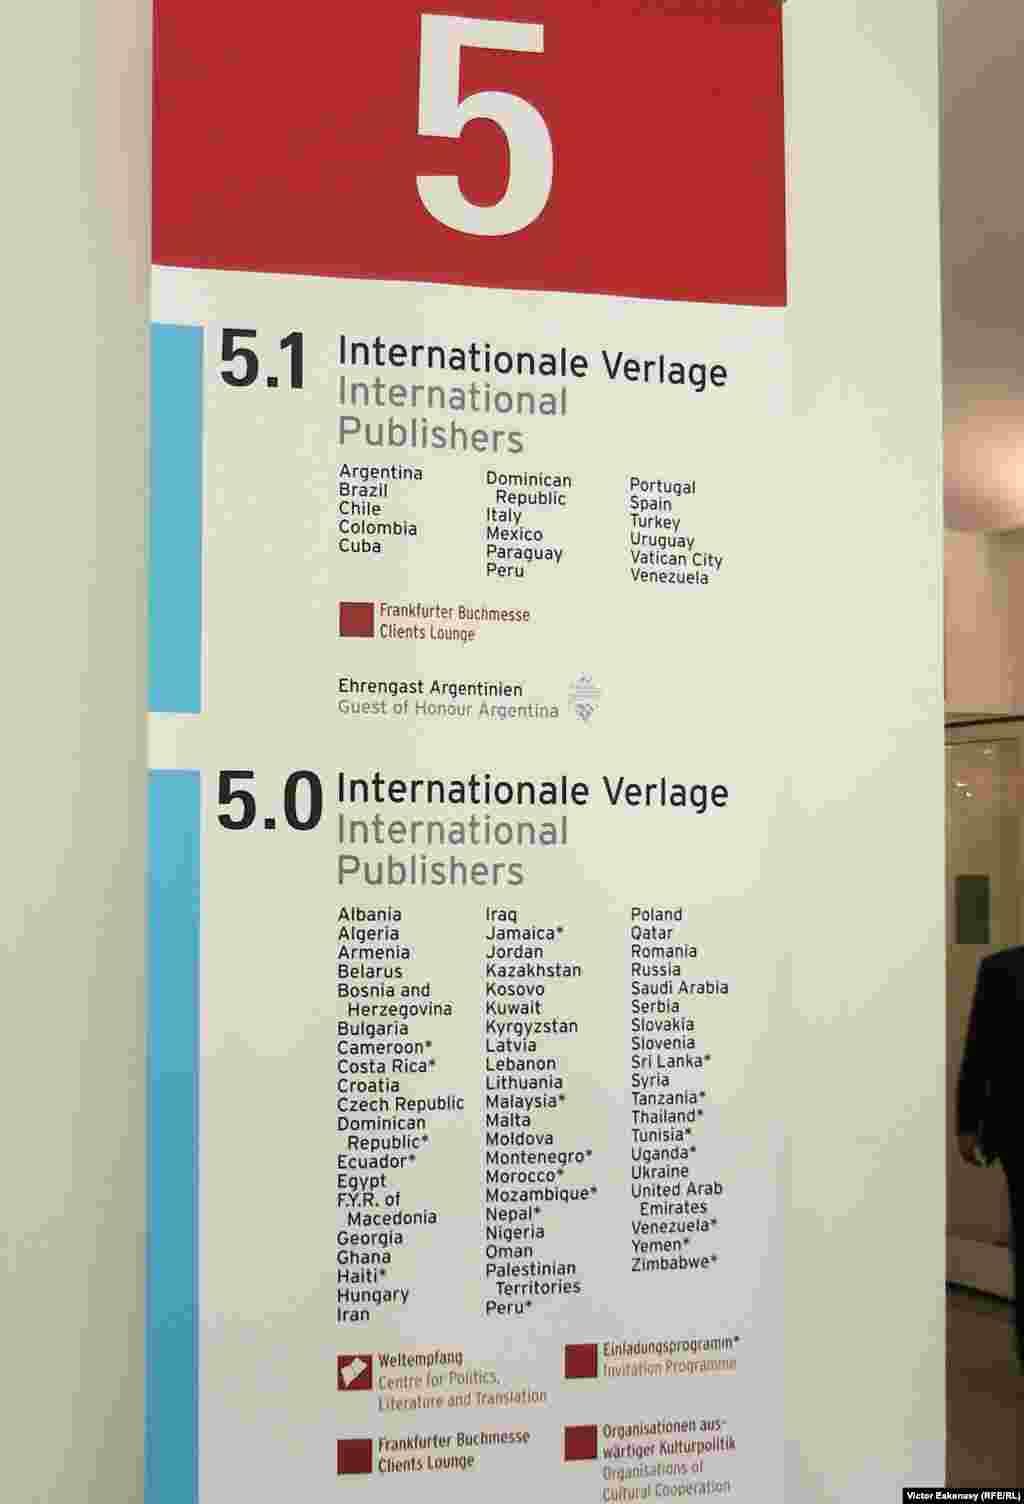 Lista expozanților în Hall 5 - Frankfurt Book Fair, Hall 5 list of East European publishing houses, 2010